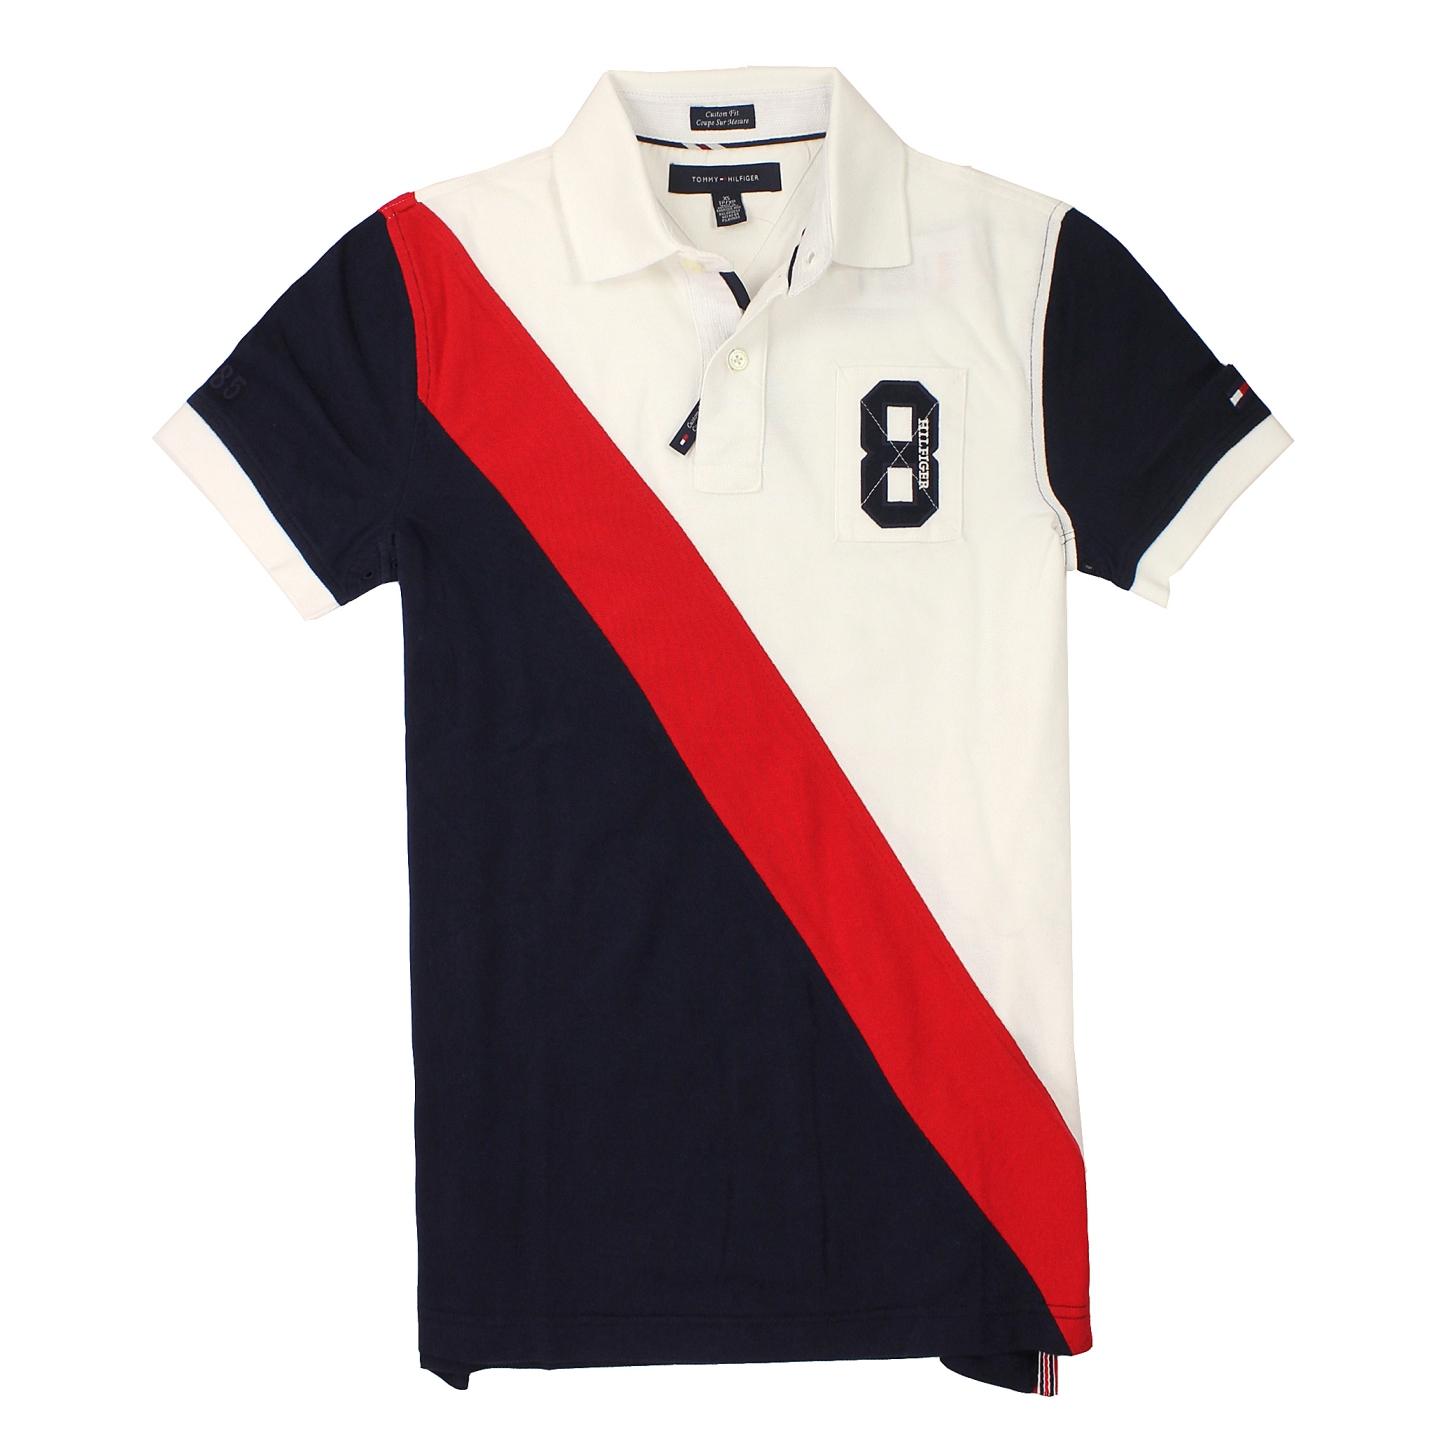 美國百分百【全新真品】Tommy Hilfiger Polo衫 TH 上衣 短袖 白 藍 紅 斜條紋 網眼 男 XXS XS S L C271